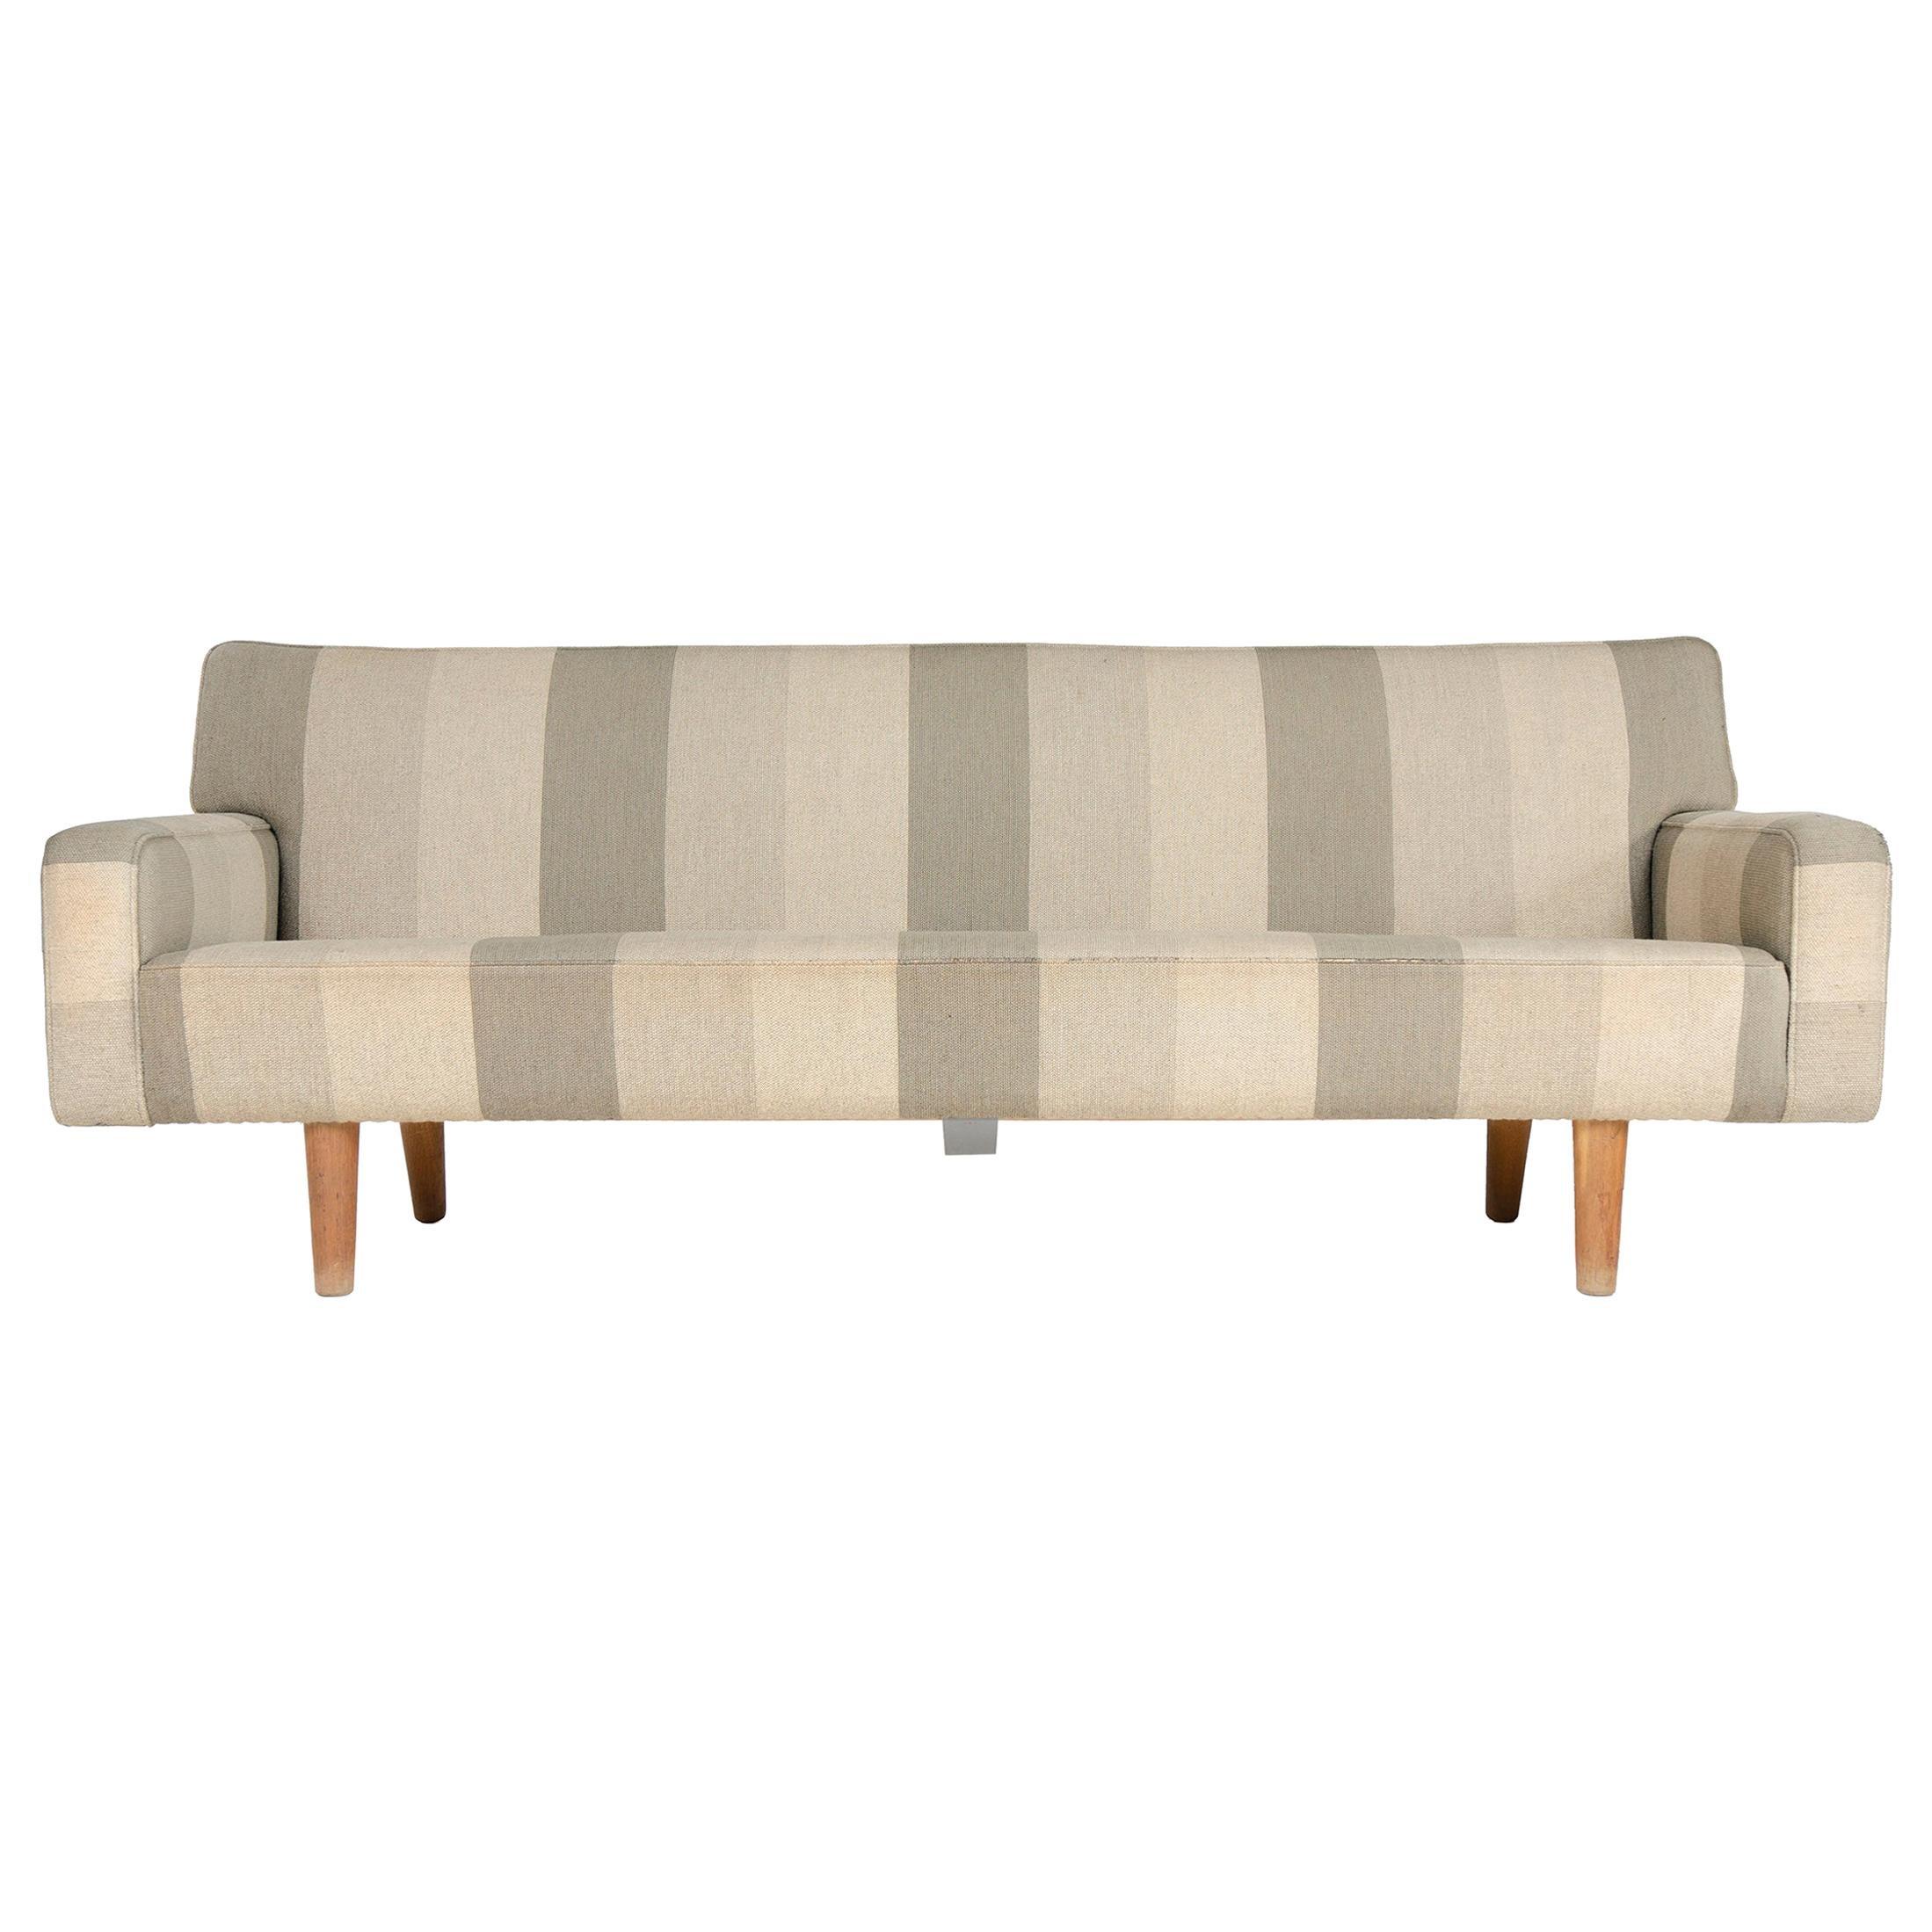 1950s AP32-S Danish Upholstered Sofa by Hans J. Wegner for A. P. Stolen